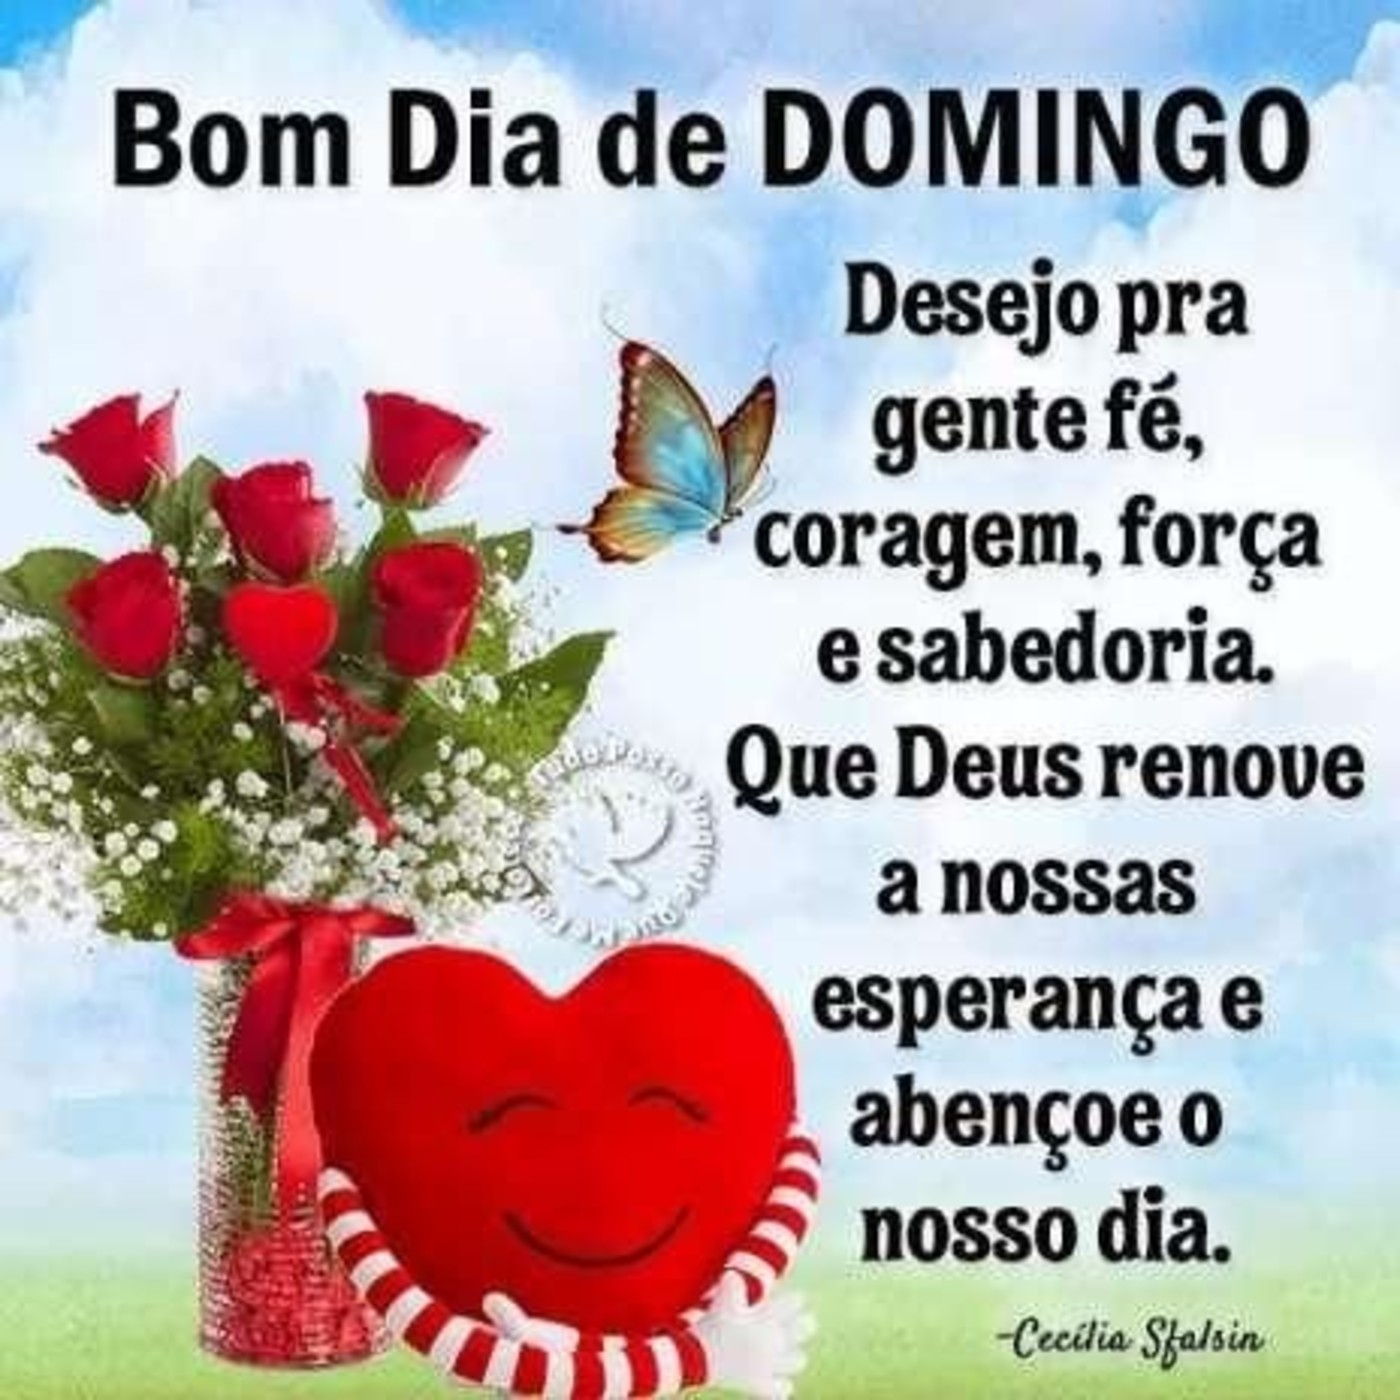 Bom domingo Imagens Facebook e Whatsapp 305